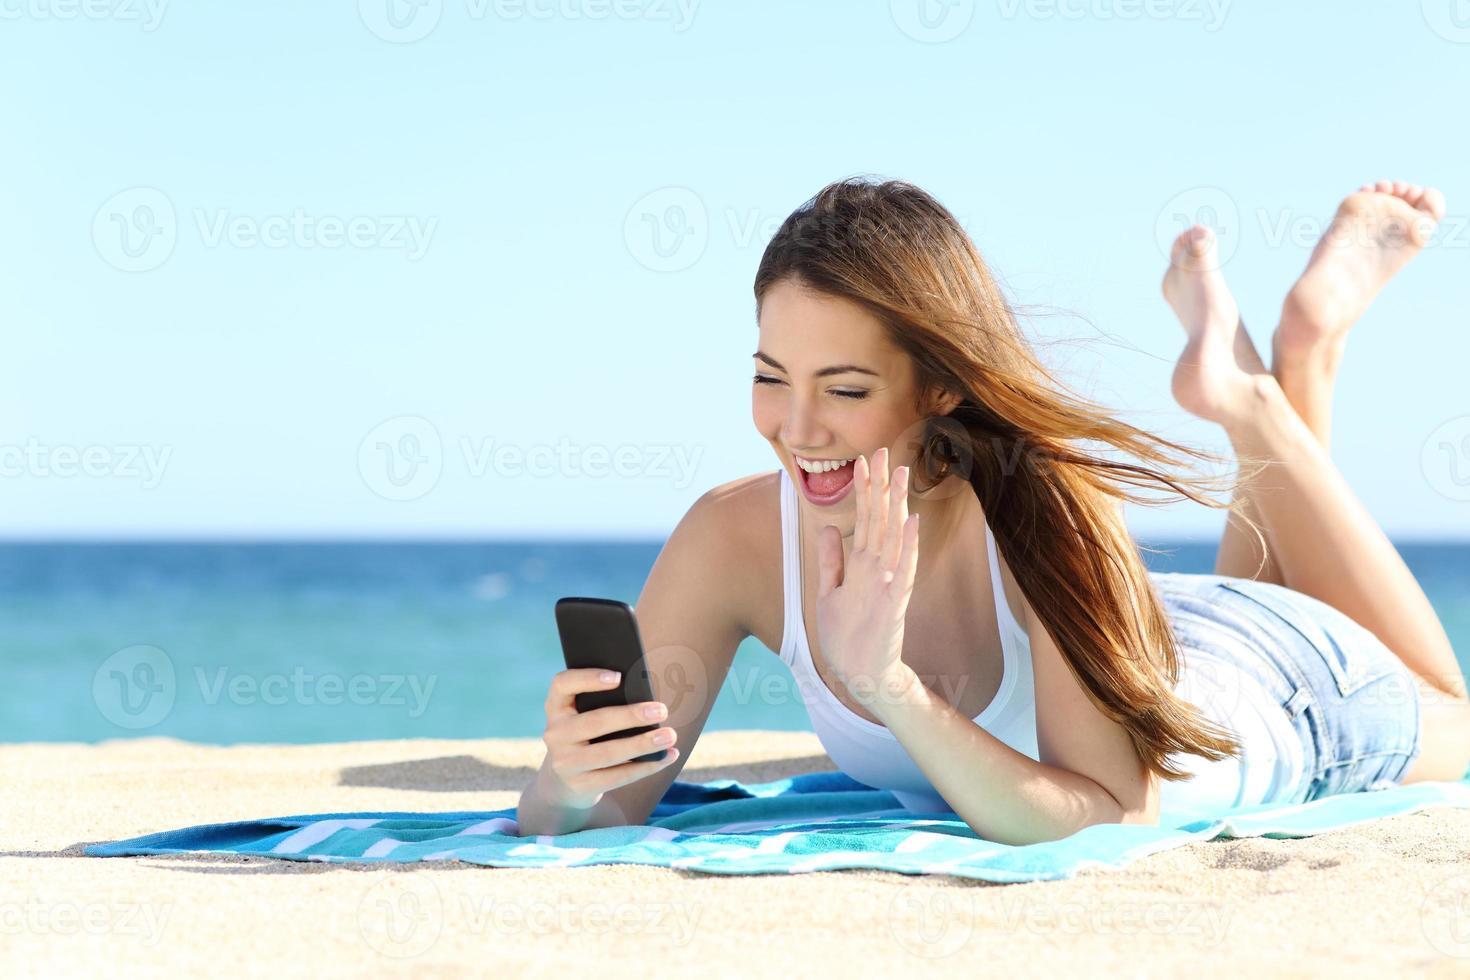 Teenager-Mädchen winkt während eines Smartphone-Videoanrufs foto